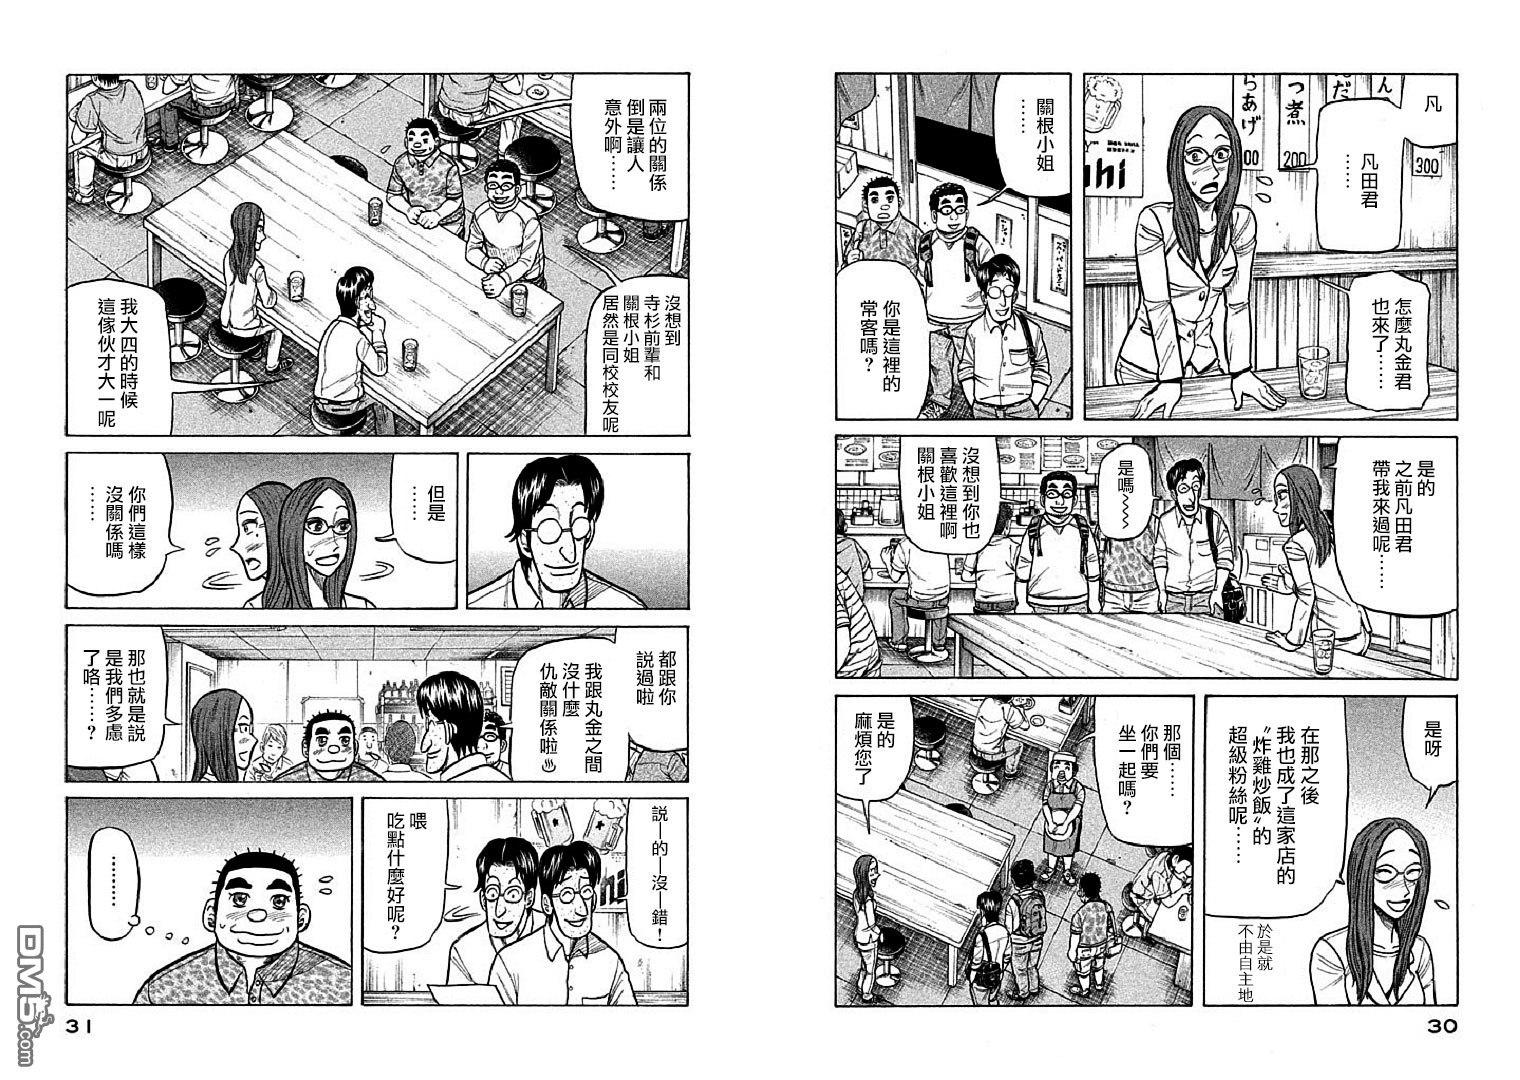 錢進球場漫畫第108話 報恩 後篇(第1頁)劇情-二次元動漫